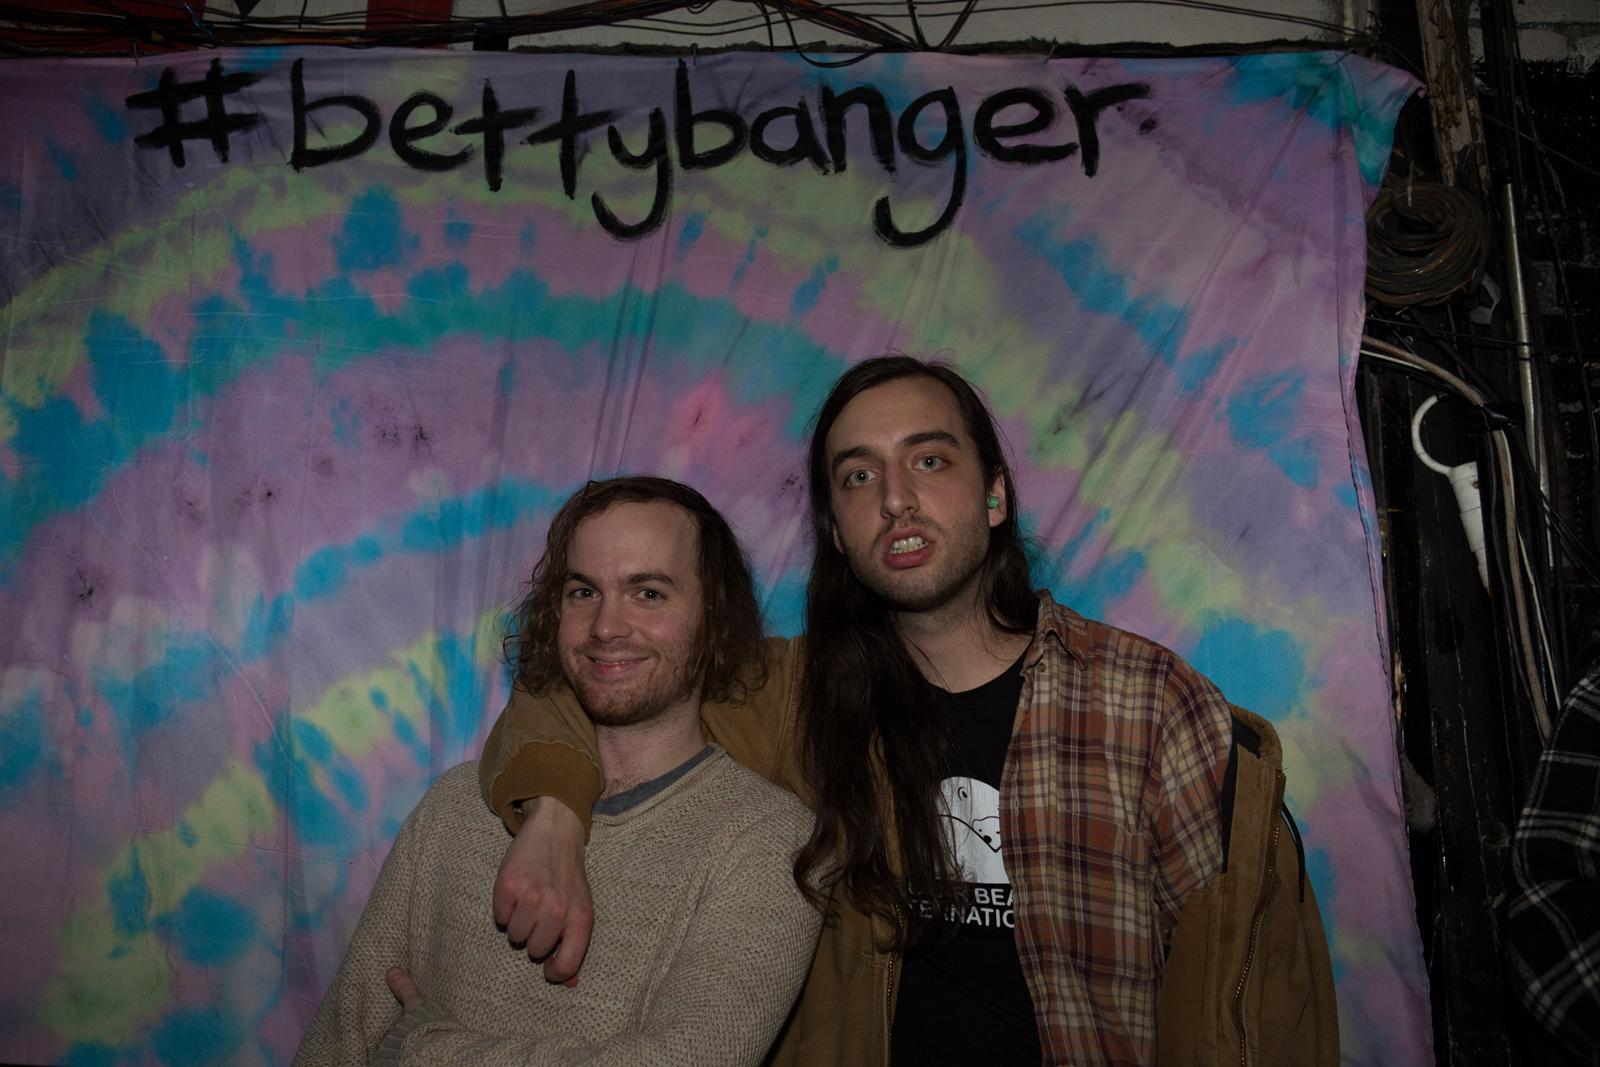 BettyzBanger-139.jpg